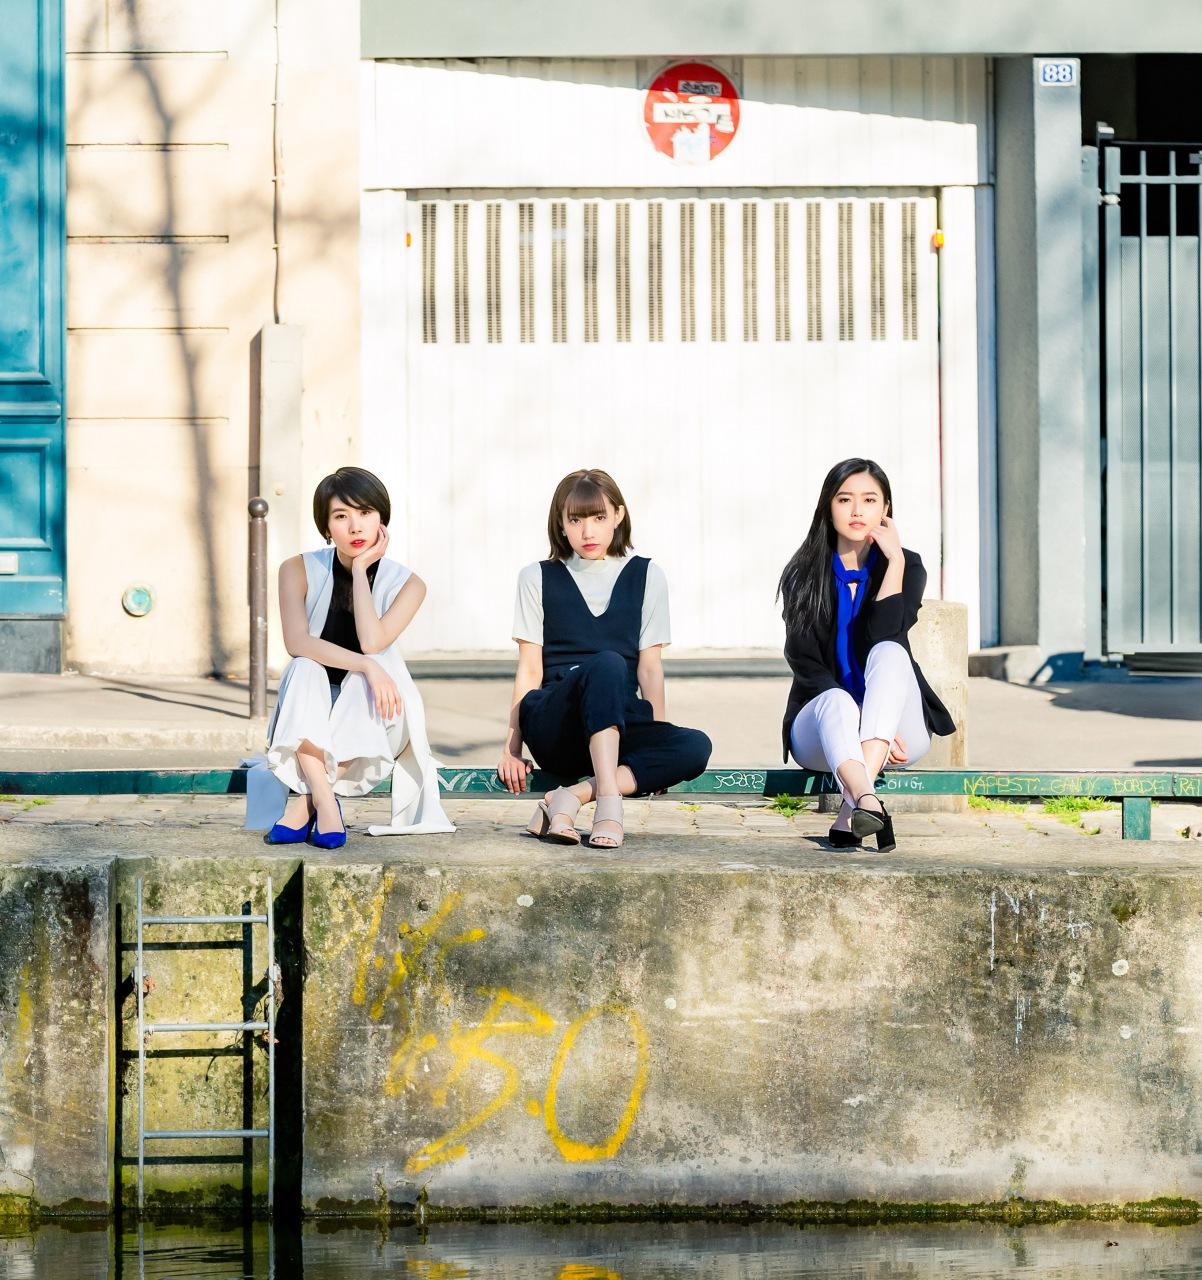 kolme、デジタル・シングル「Brand new days」リリースとともに新ビジュアル公開